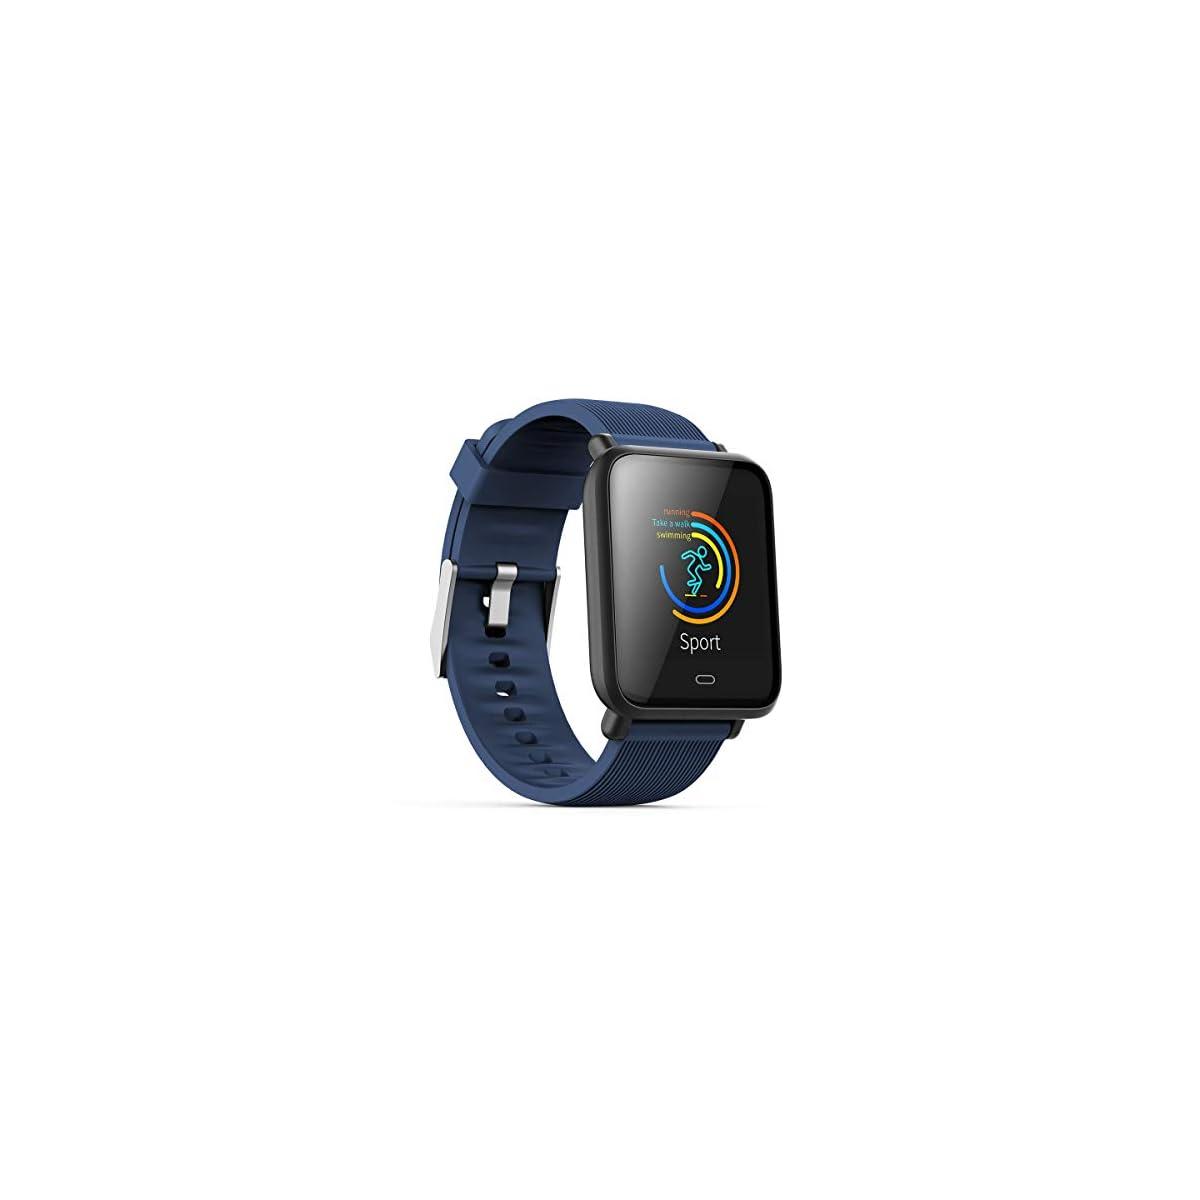 41V8gyHGQhL. SS1200  - Teepao monitor de ritmo cardíaco, podómetro, reloj inteligente impermeable con monitor de presión arterial, contador de pasos, seguimiento del sueño, reloj inteligente de pantalla grande para hombres y mujeres